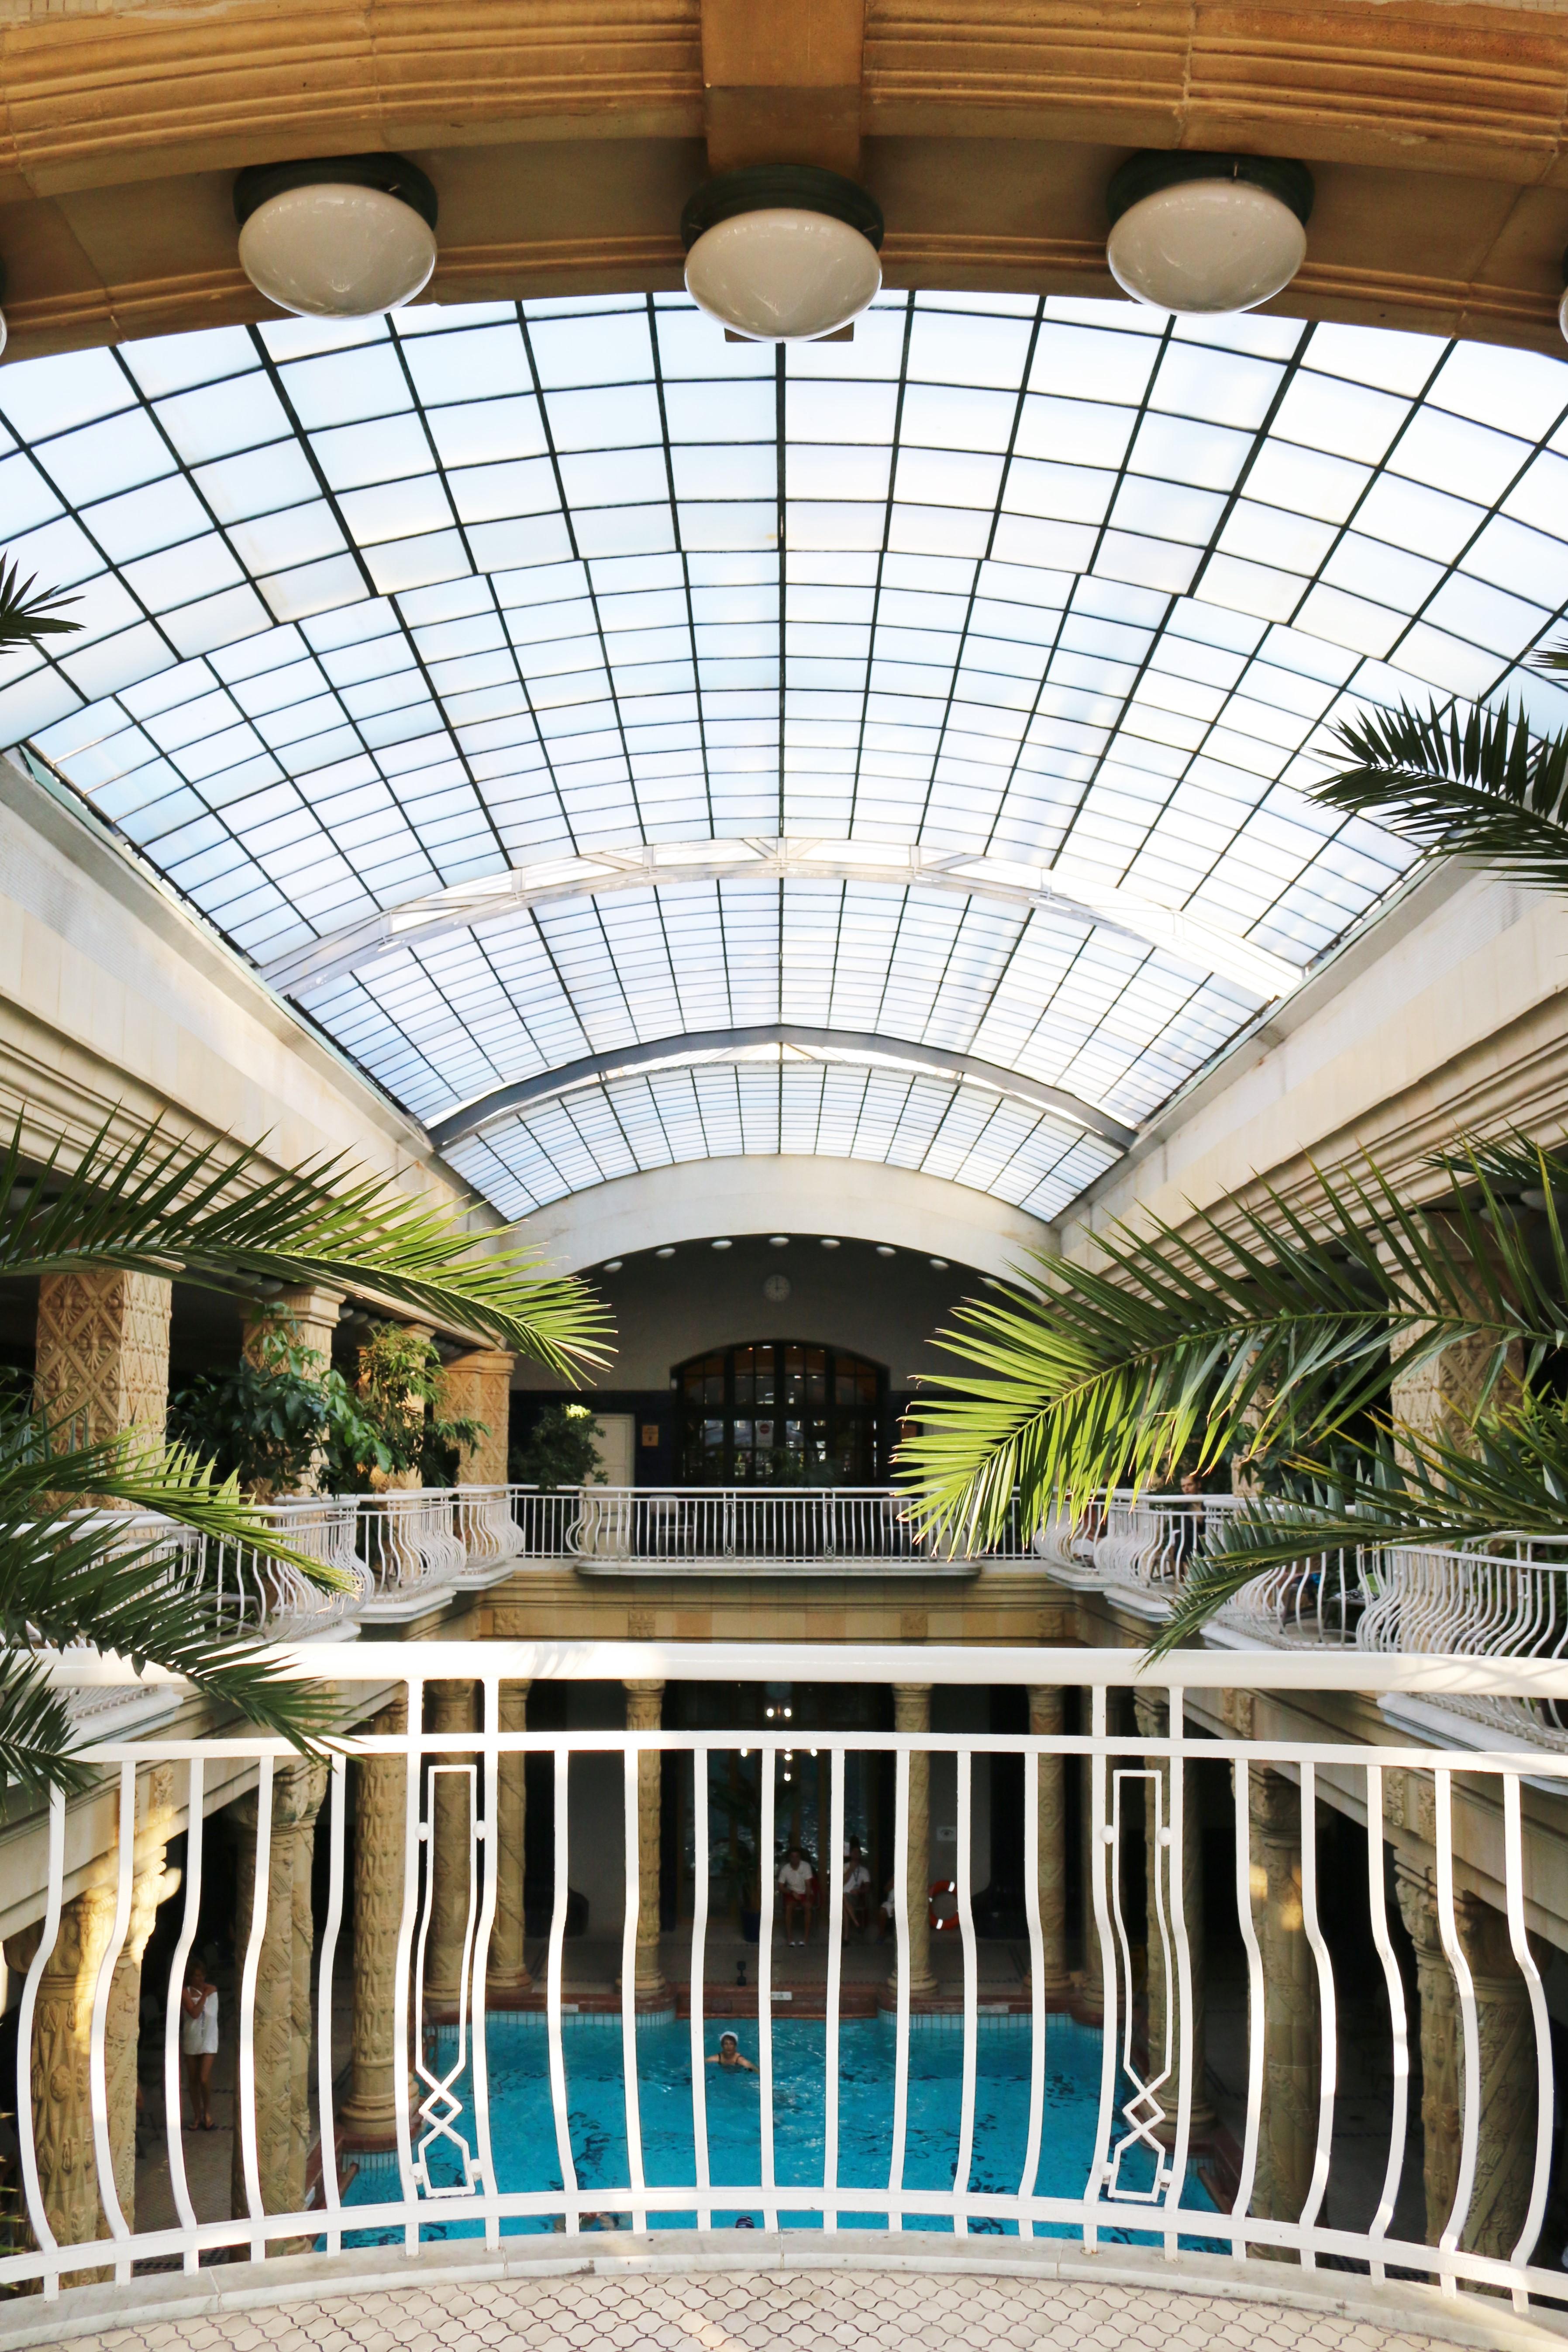 Das bekannte Gellértbad in Budapest mit seinem Glasdach